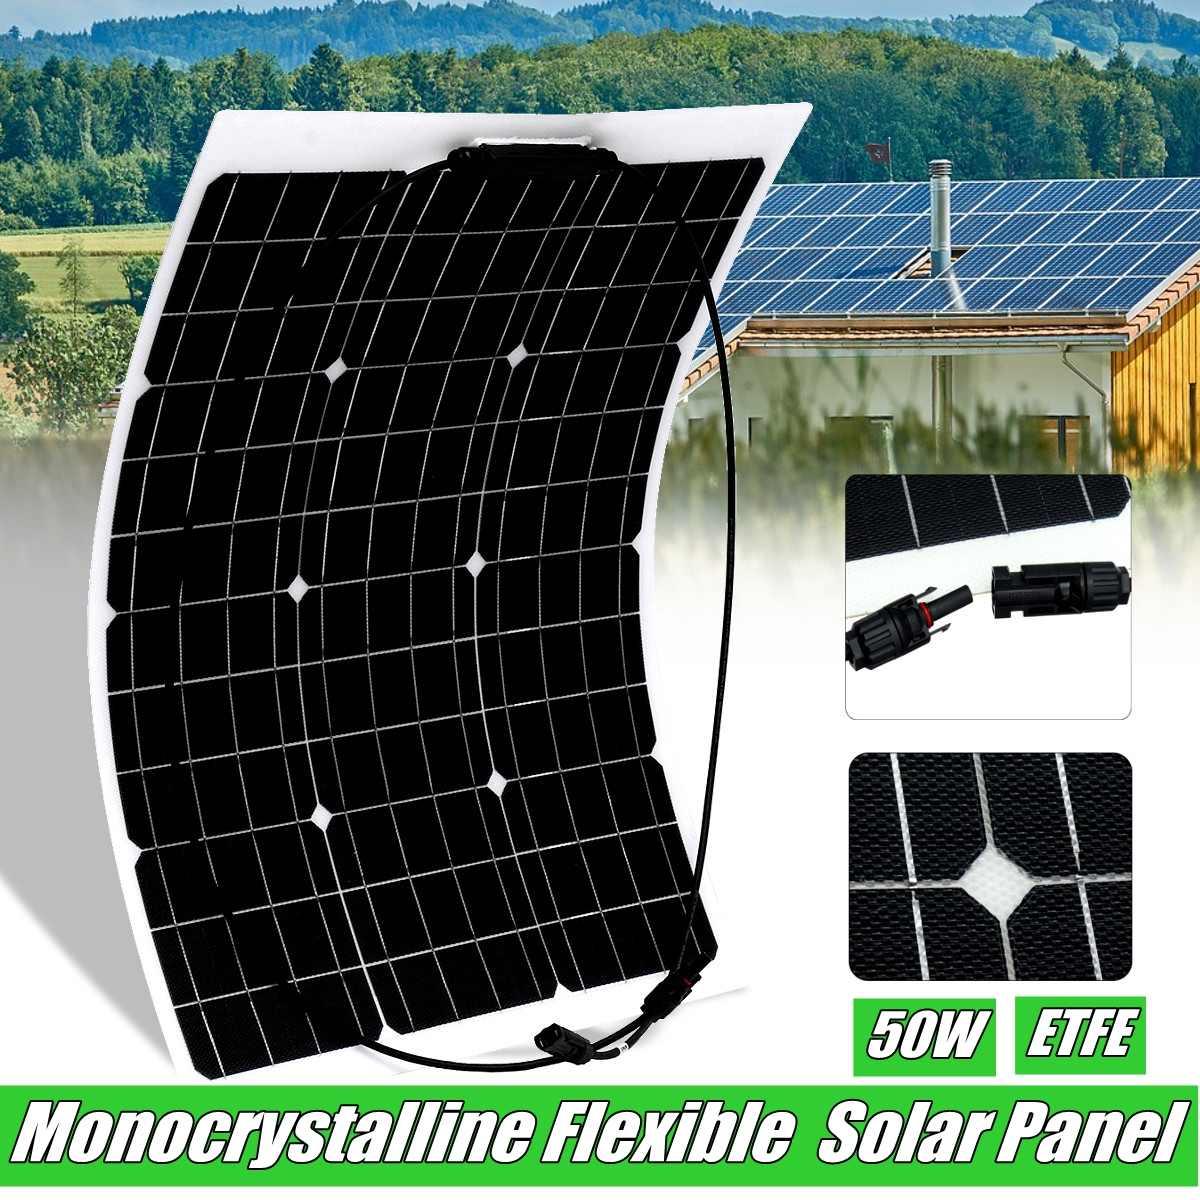 Chargeur solaire Flexible de panneau solaire de 18 V 50 W pour les cellules monocristallines d'etfe de batterie de voiture de 12 V pour Hause, bateau, toit avec le câble MC4